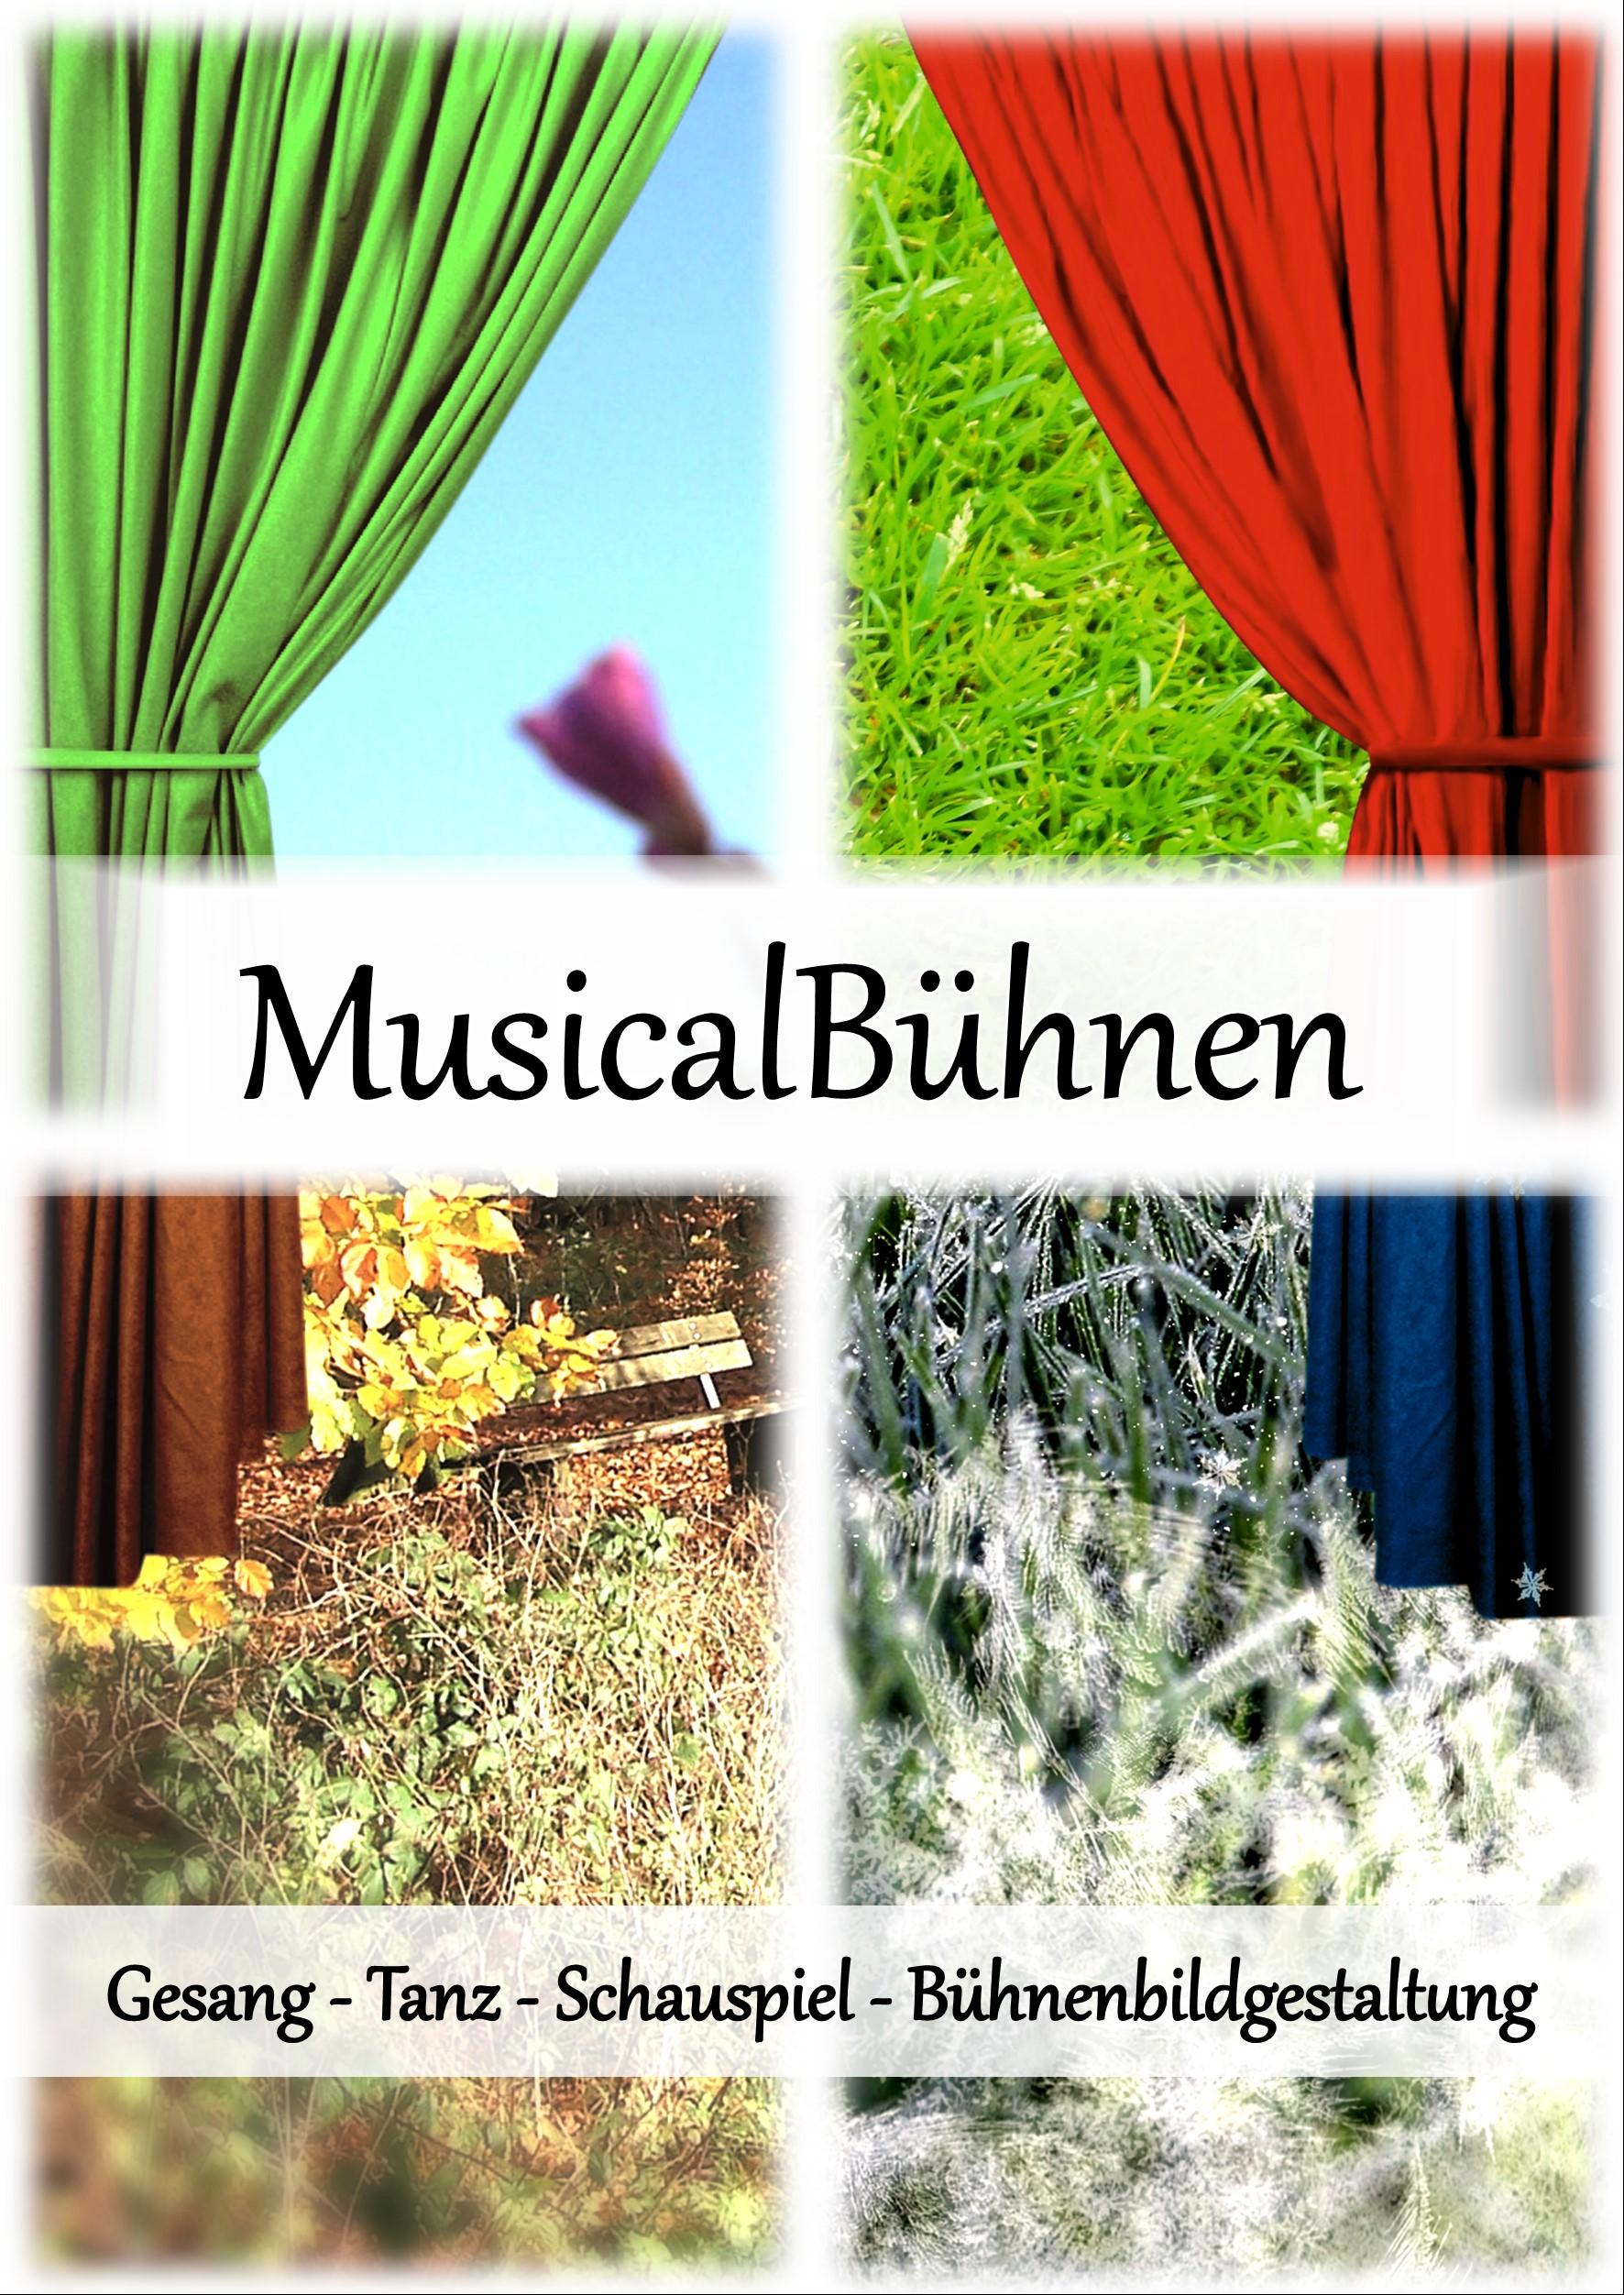 MusicalBühnen